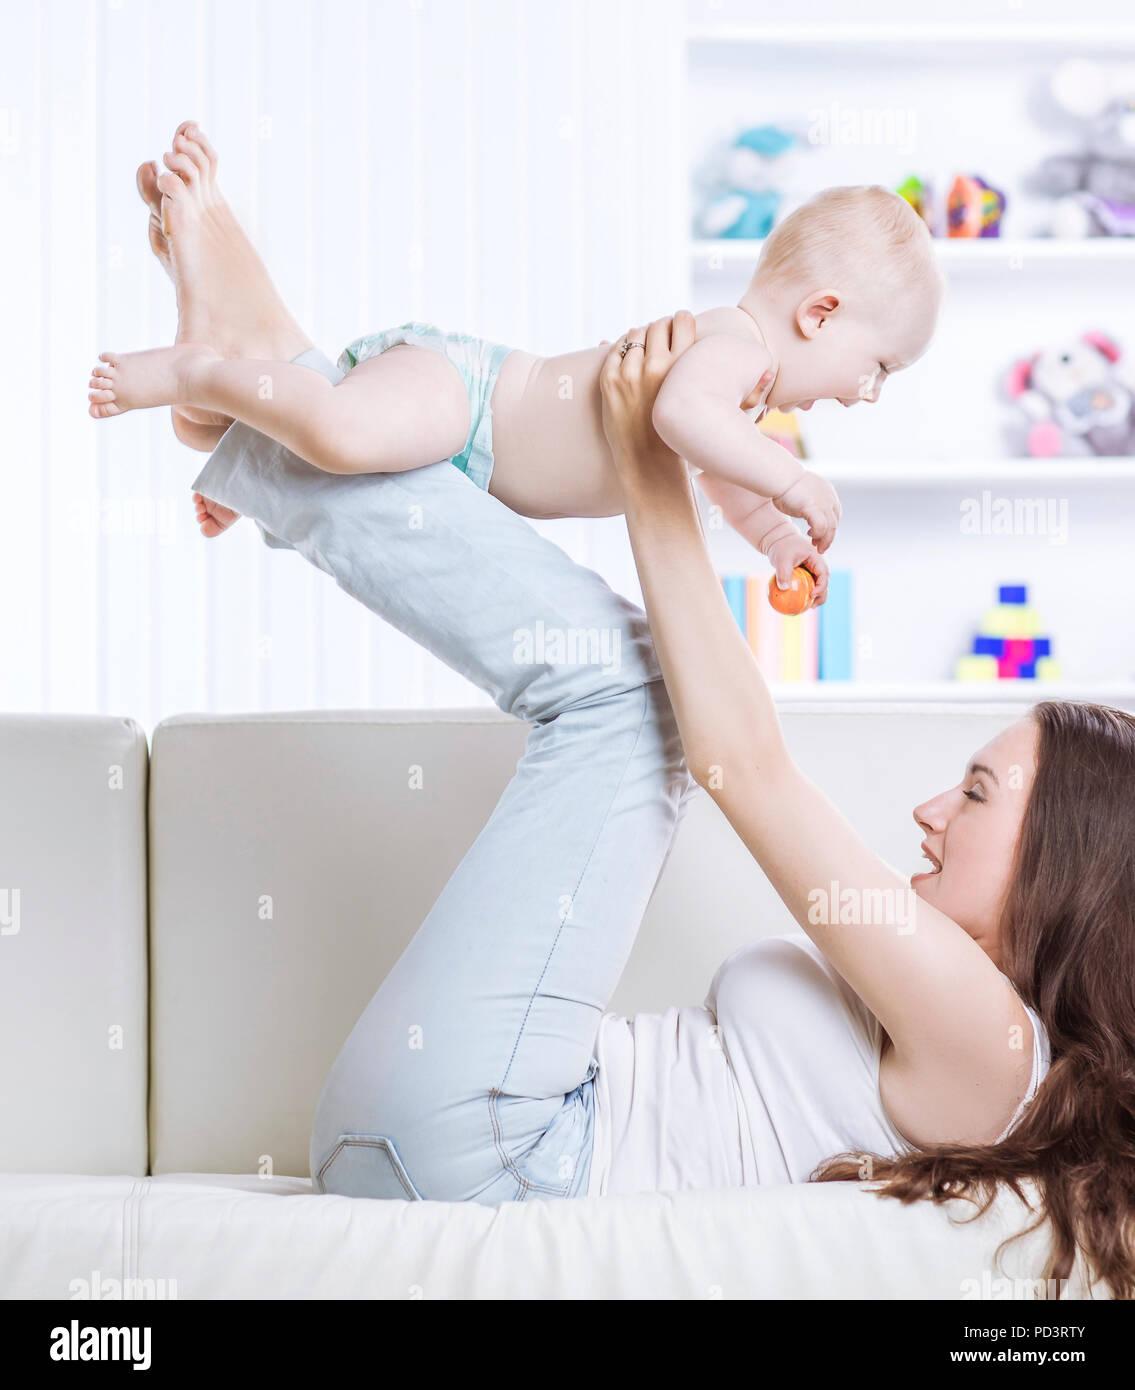 Concetto di felicità:felice madre giocando con un anno di età del bambino in camera per i bambini Immagini Stock